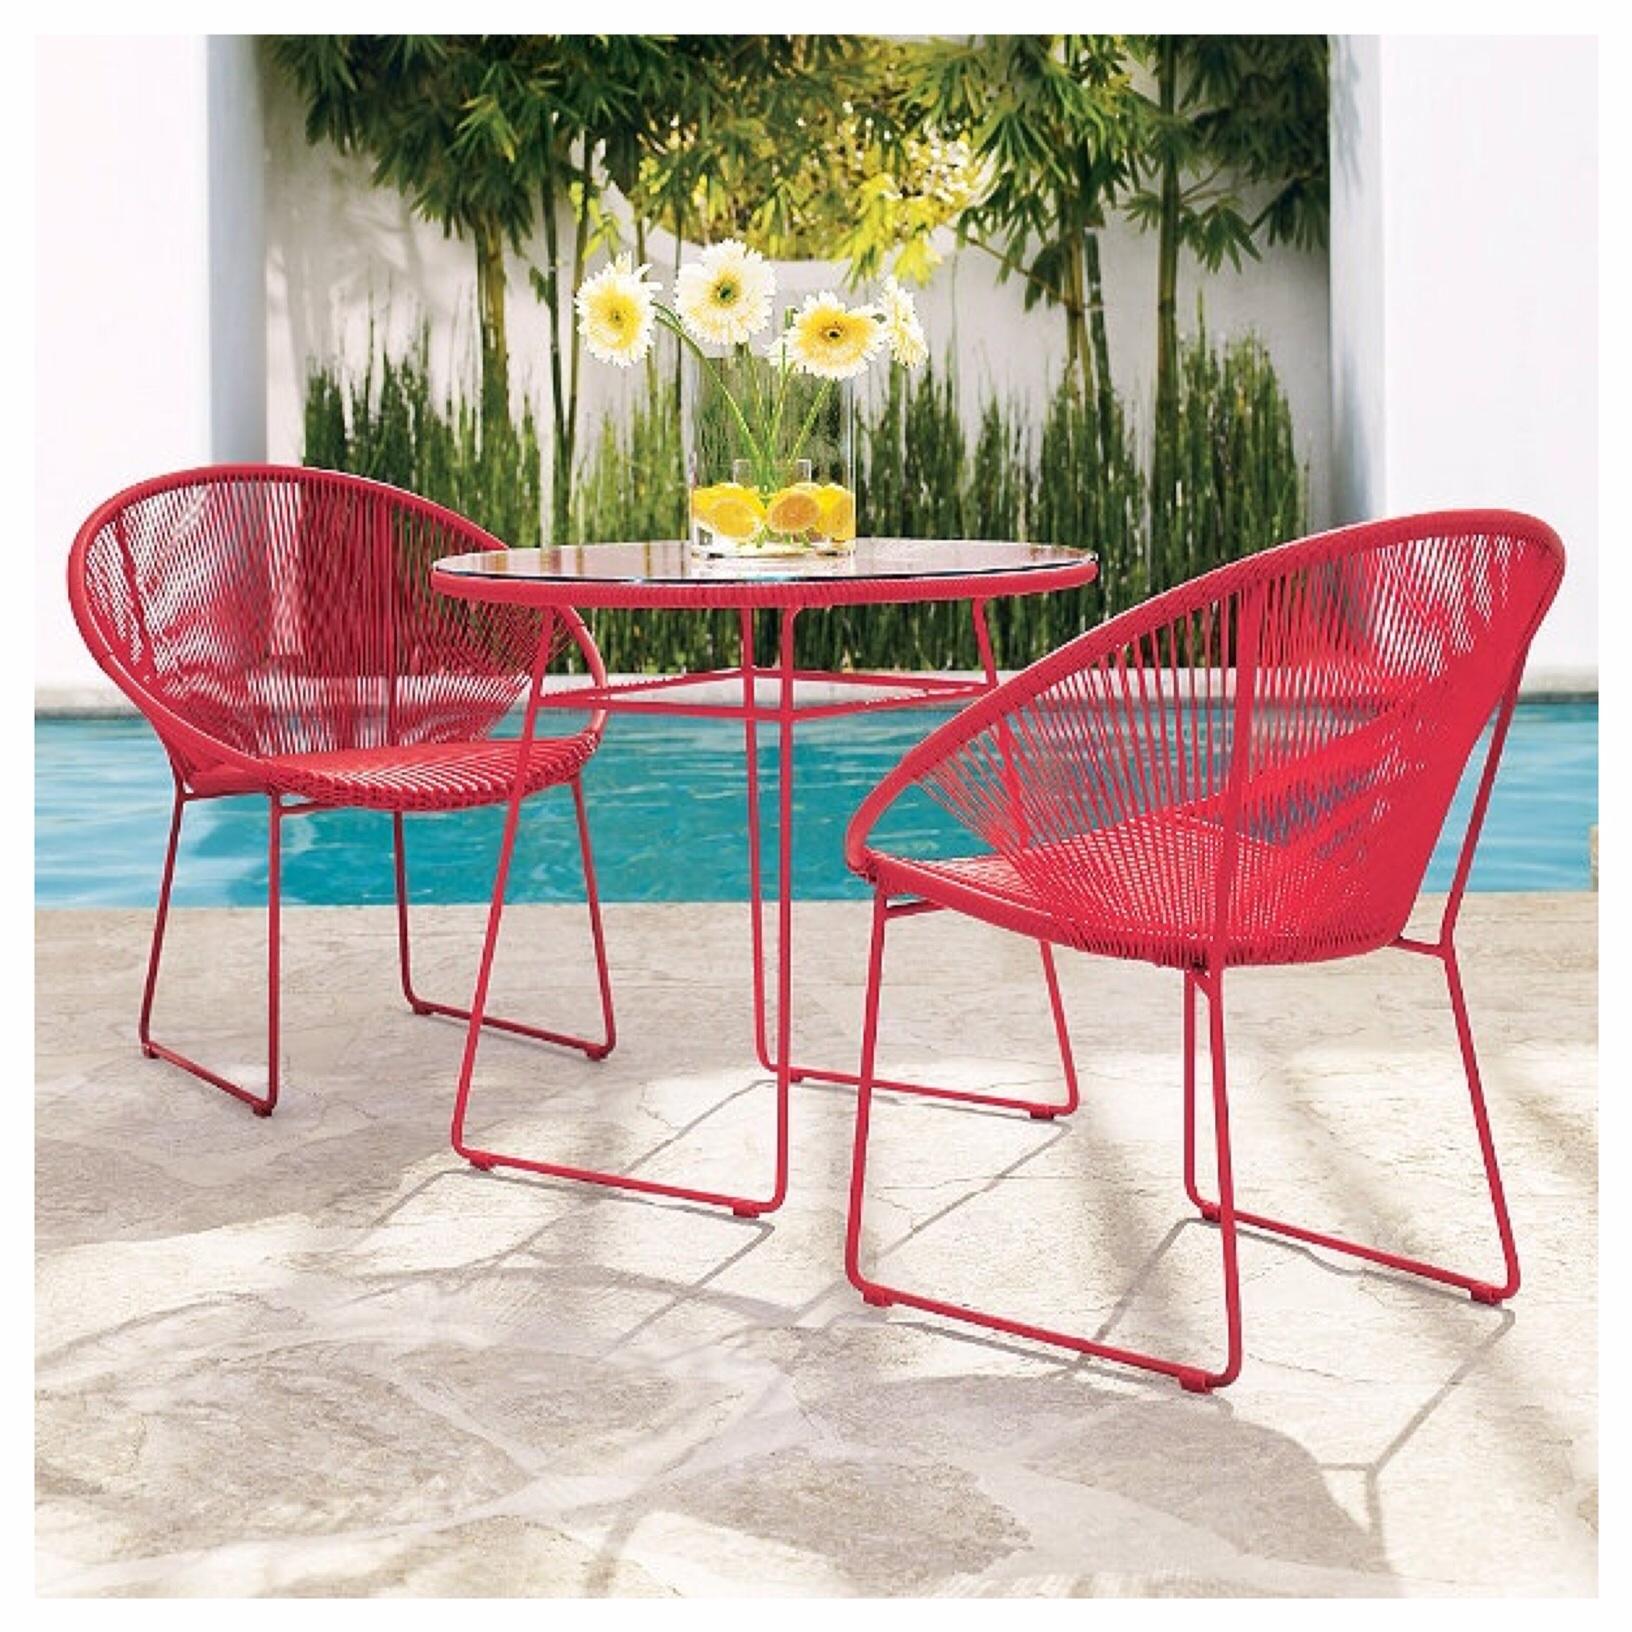 Shopping guide muebles para patios y terrazas bujaren - Muebles de patio ...